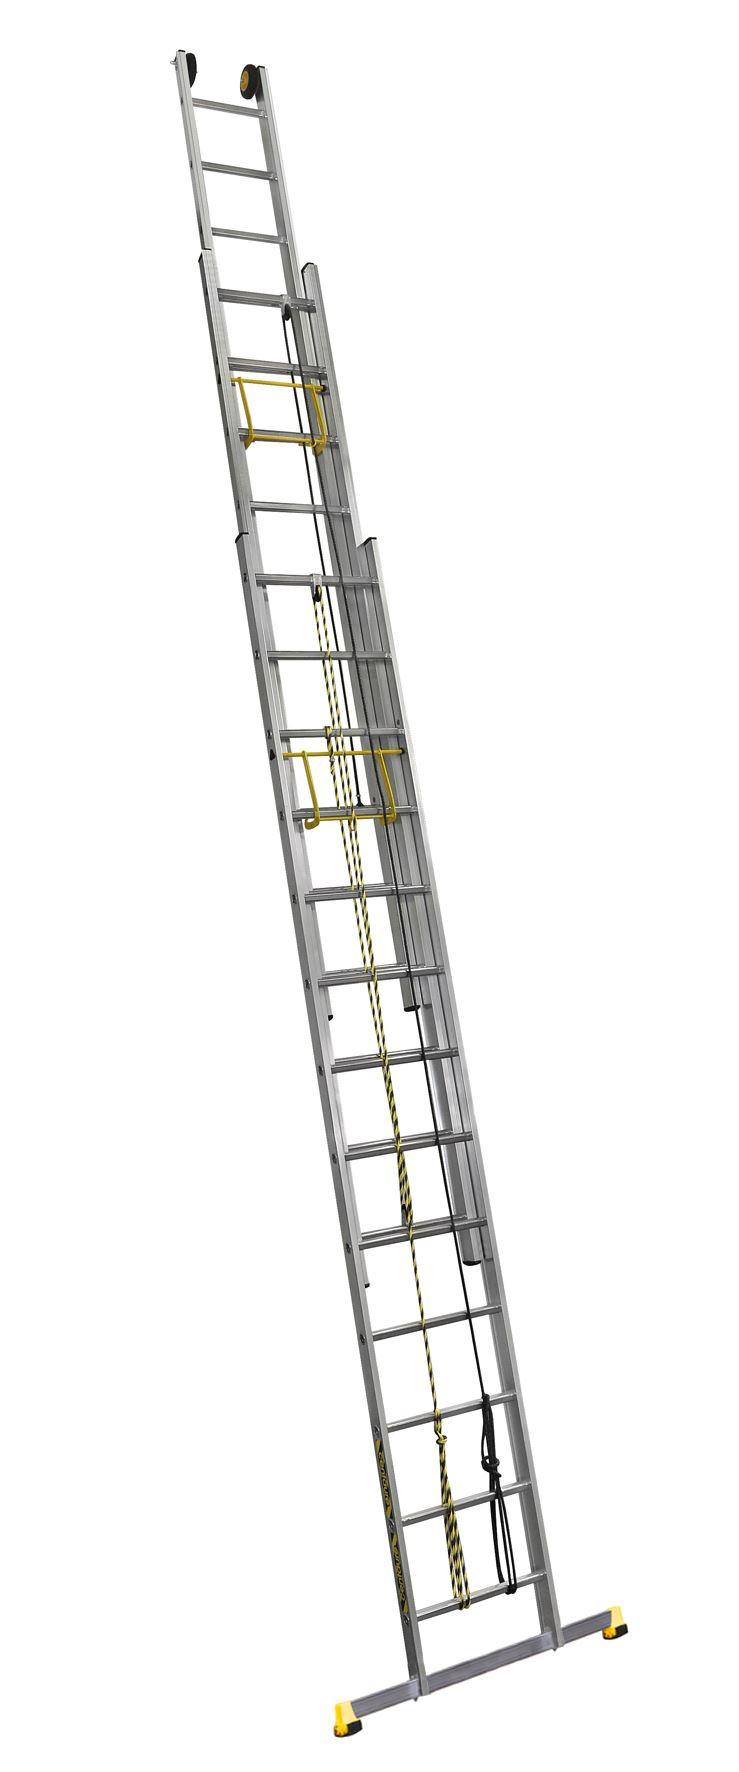 echelle coulissante centaure 3 plans corde h 8 95m. Black Bedroom Furniture Sets. Home Design Ideas